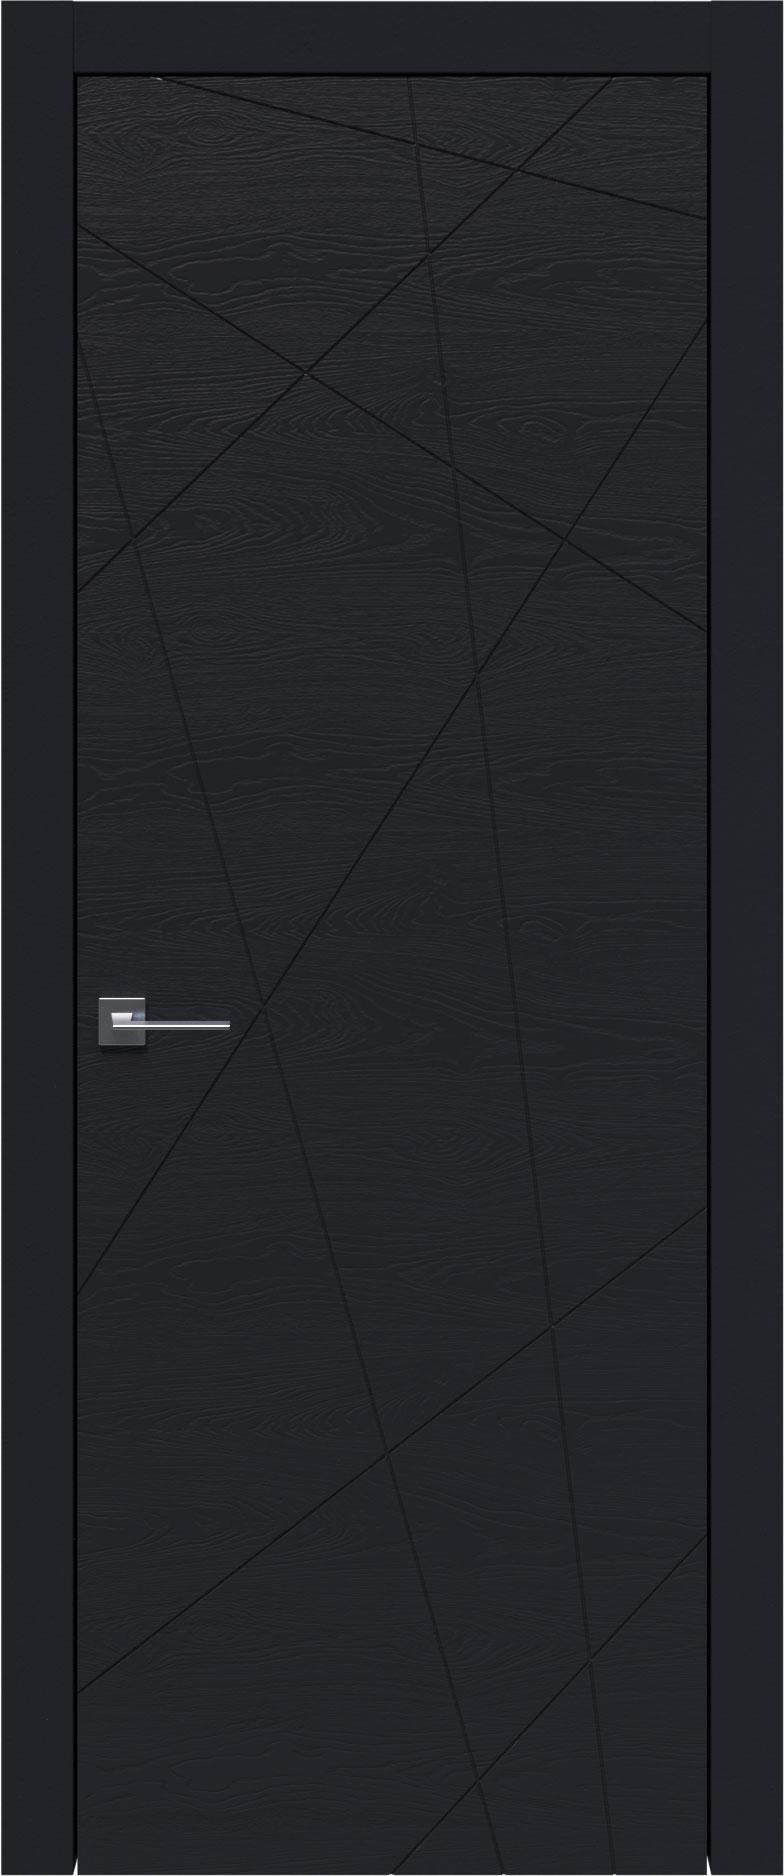 Tivoli В-5 цвет - Черная эмаль по шпону (RAL 9004) Без стекла (ДГ)